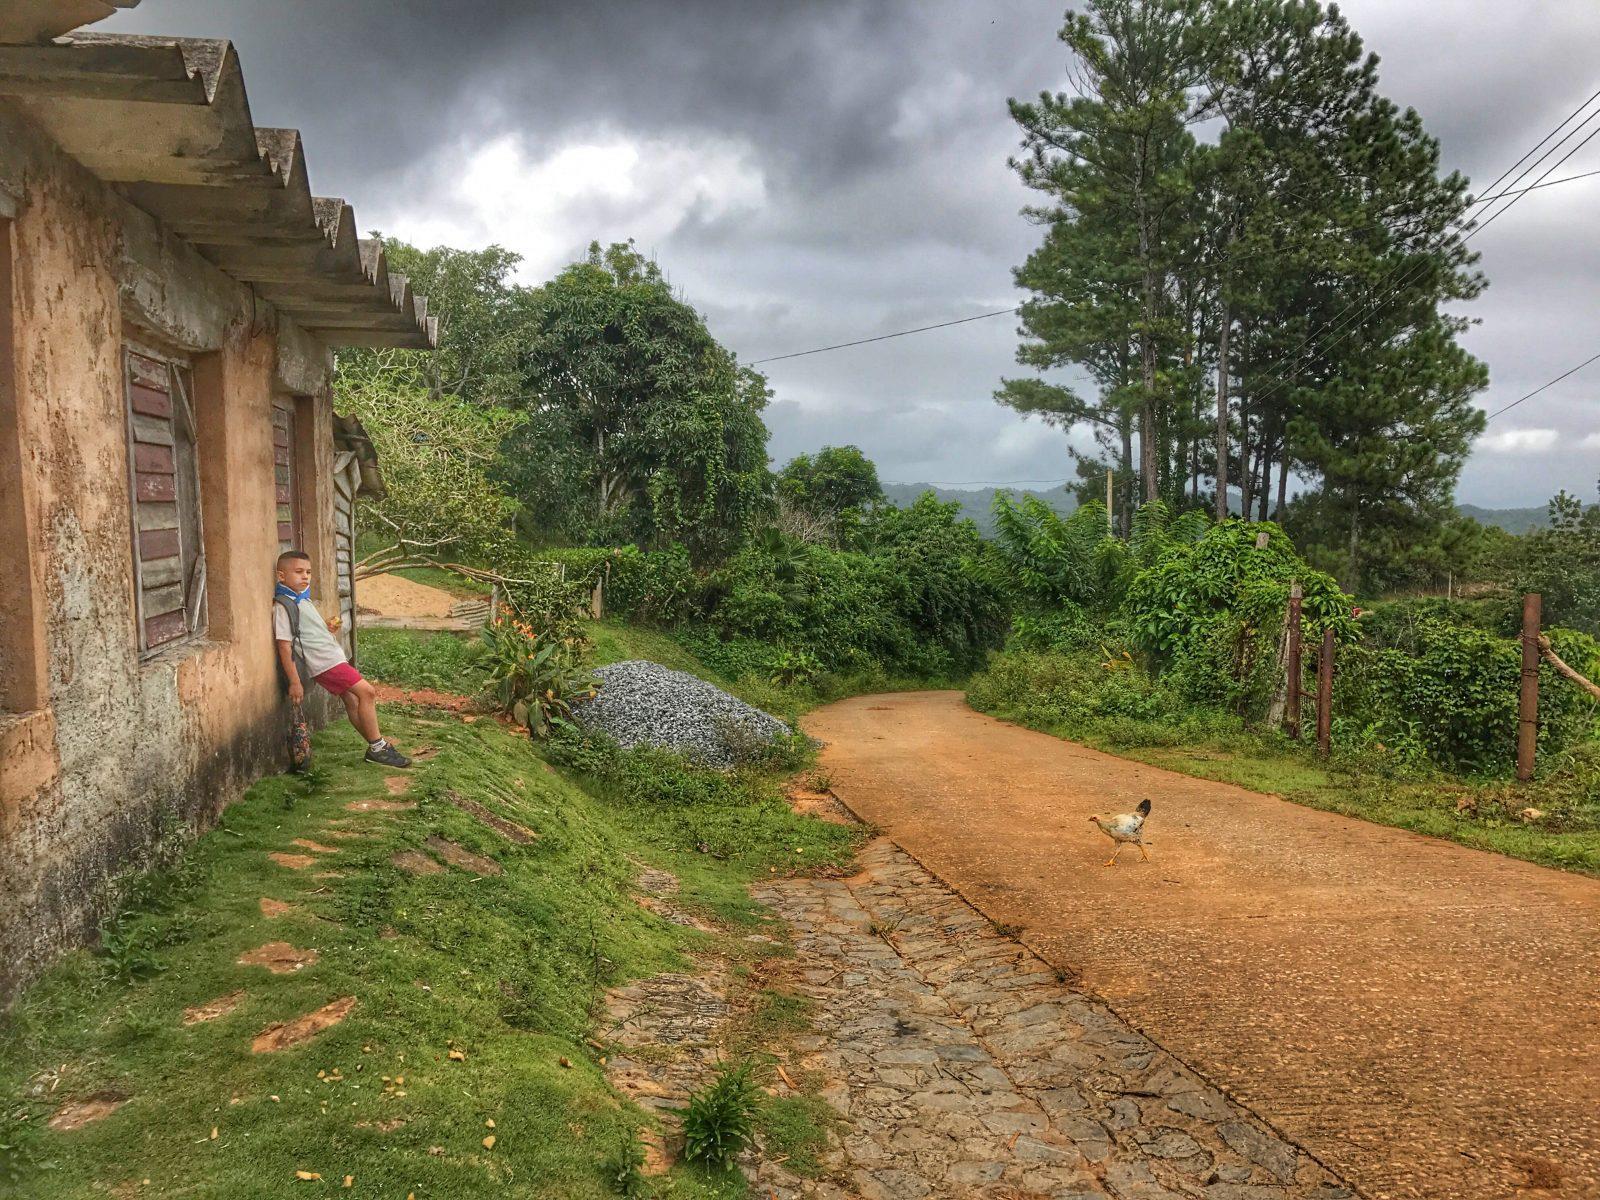 Rural Life in Cuba